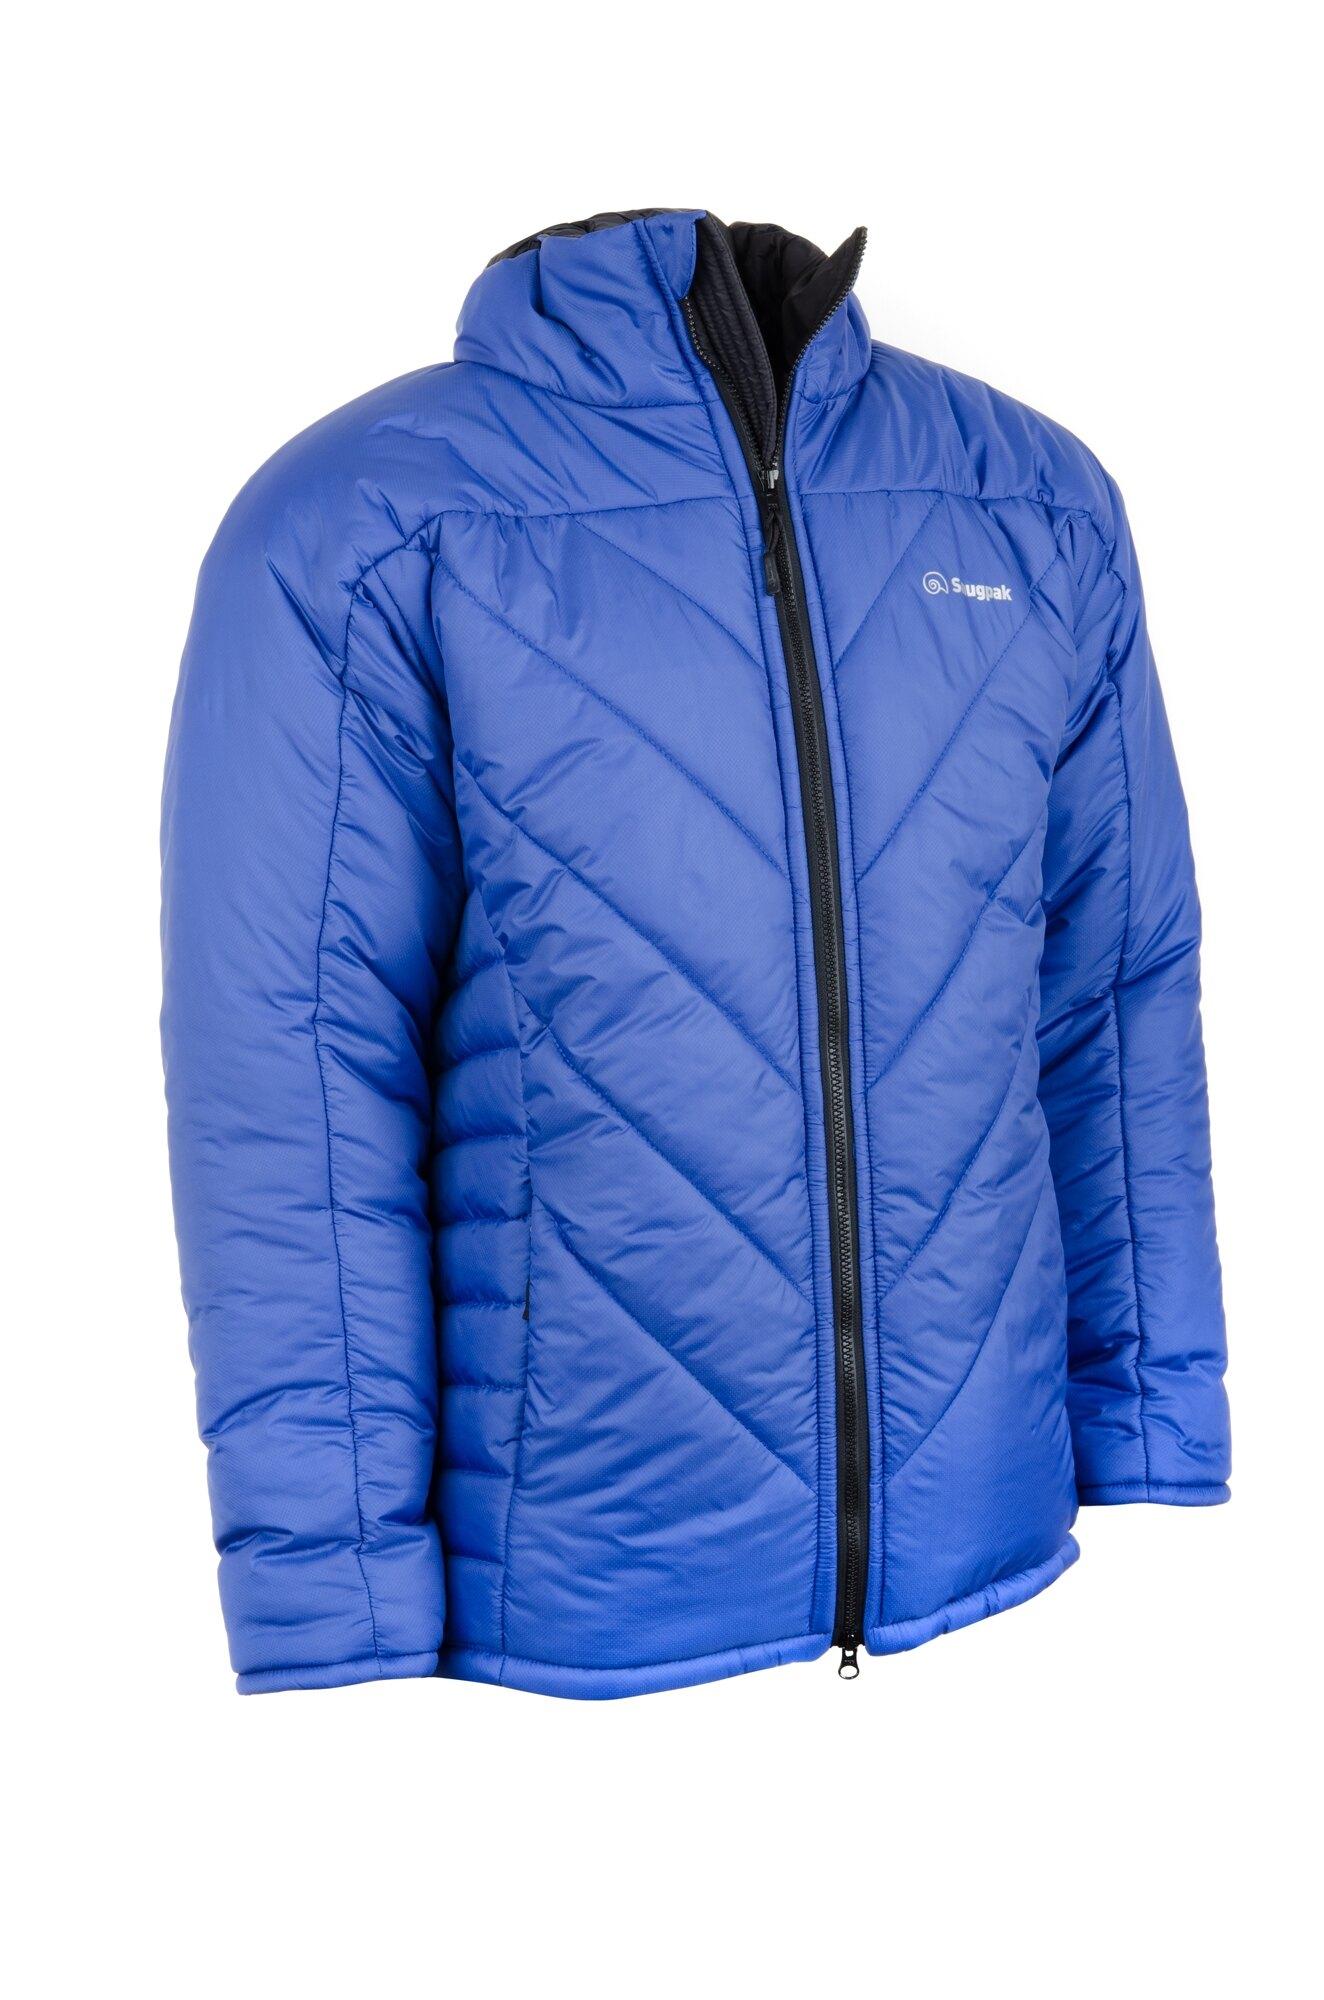 Bunda Insulated SJ12 Snugpak® – Modrá (Farba: Modrá, Veľkosť: XS)